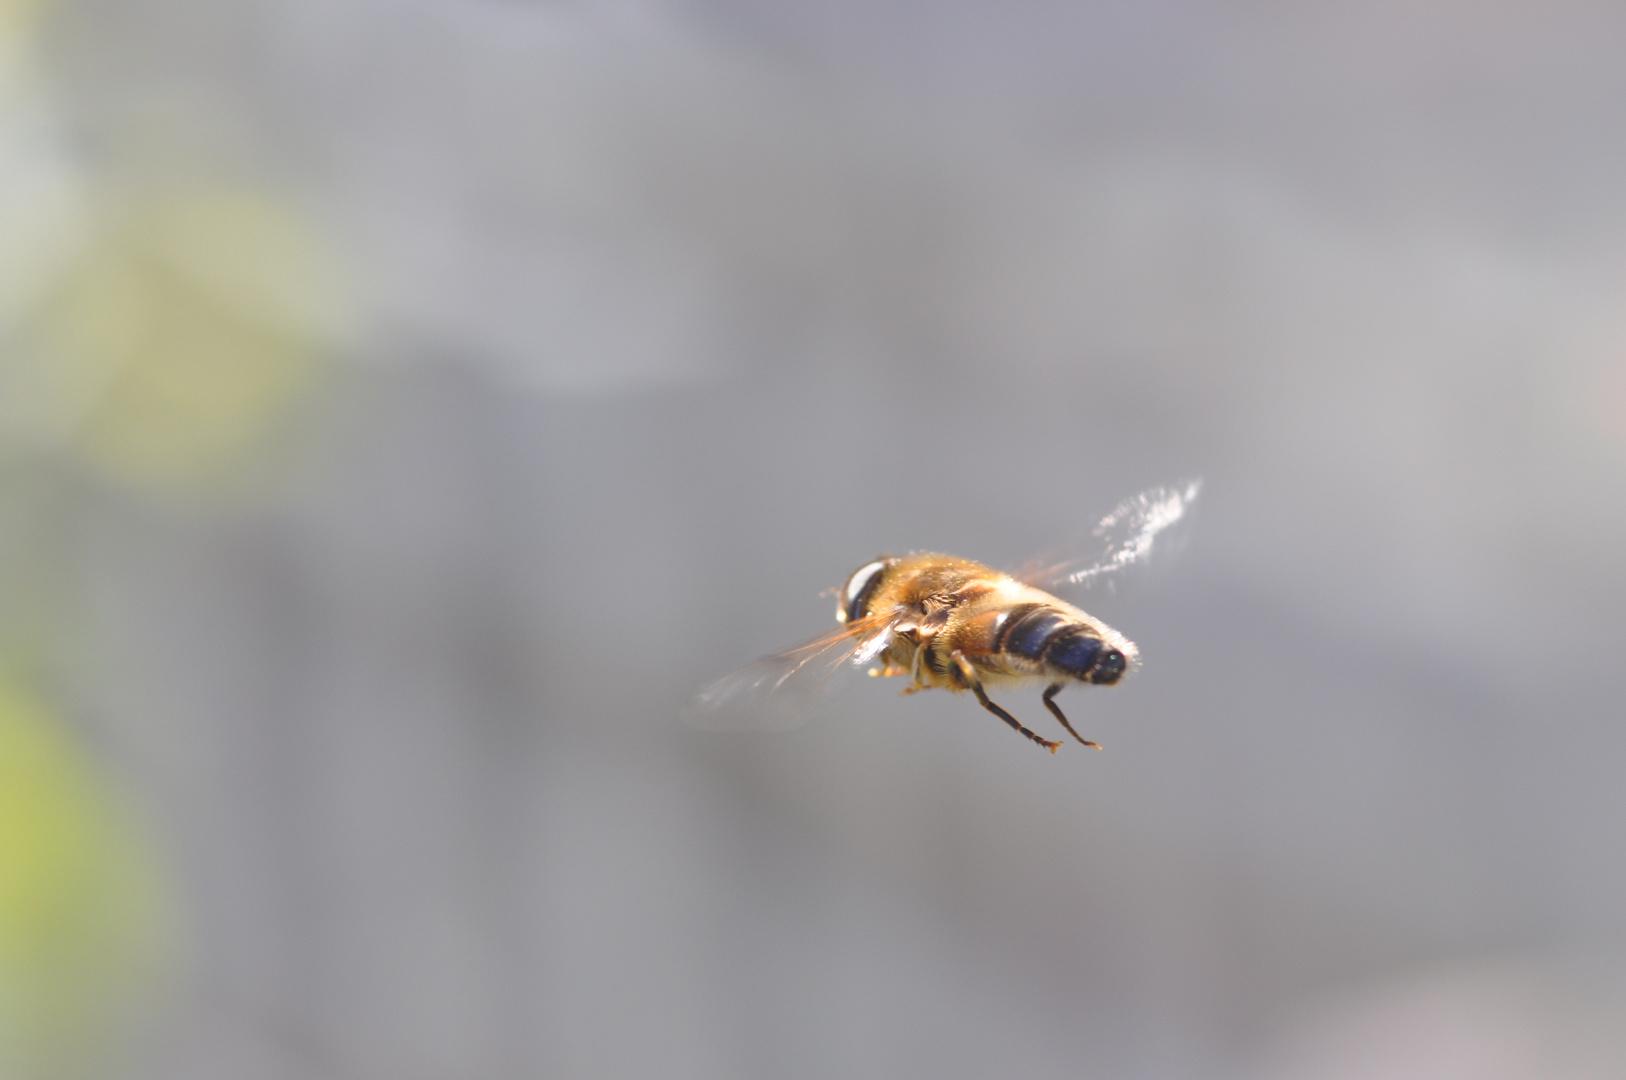 Keilfleckschwebfliege in der Luft